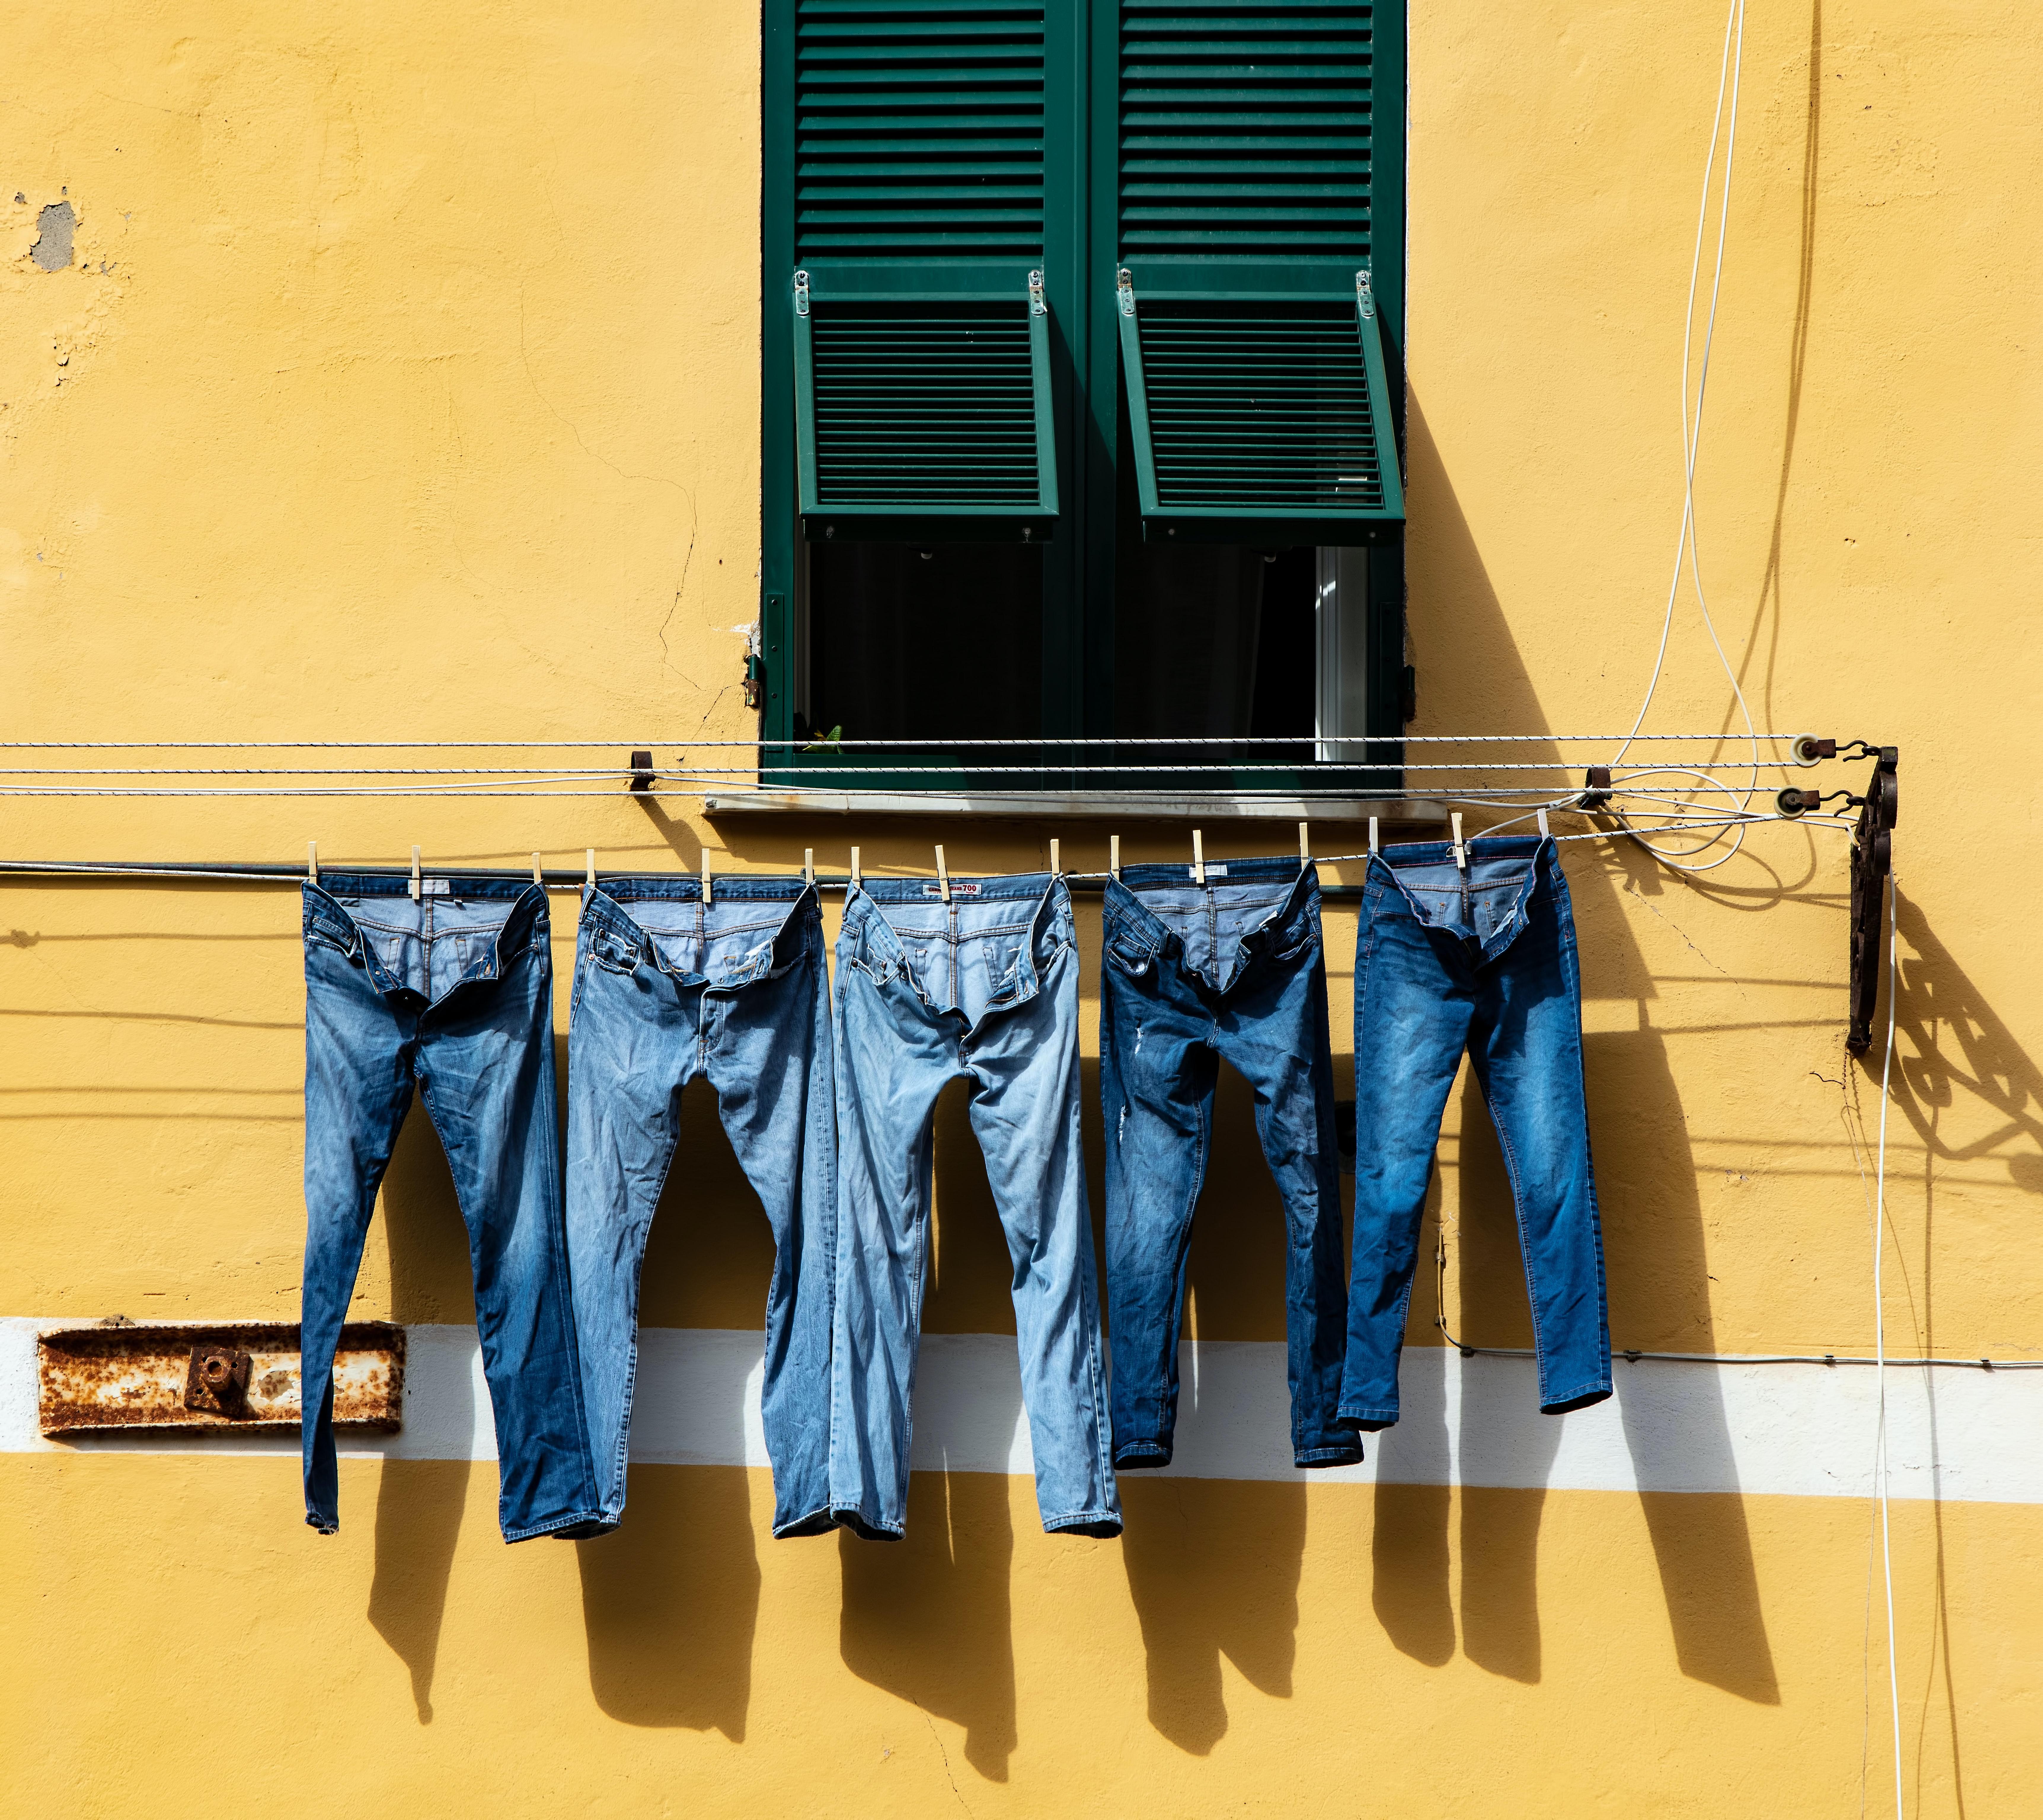 Jeans hängen draußen an einer Leine